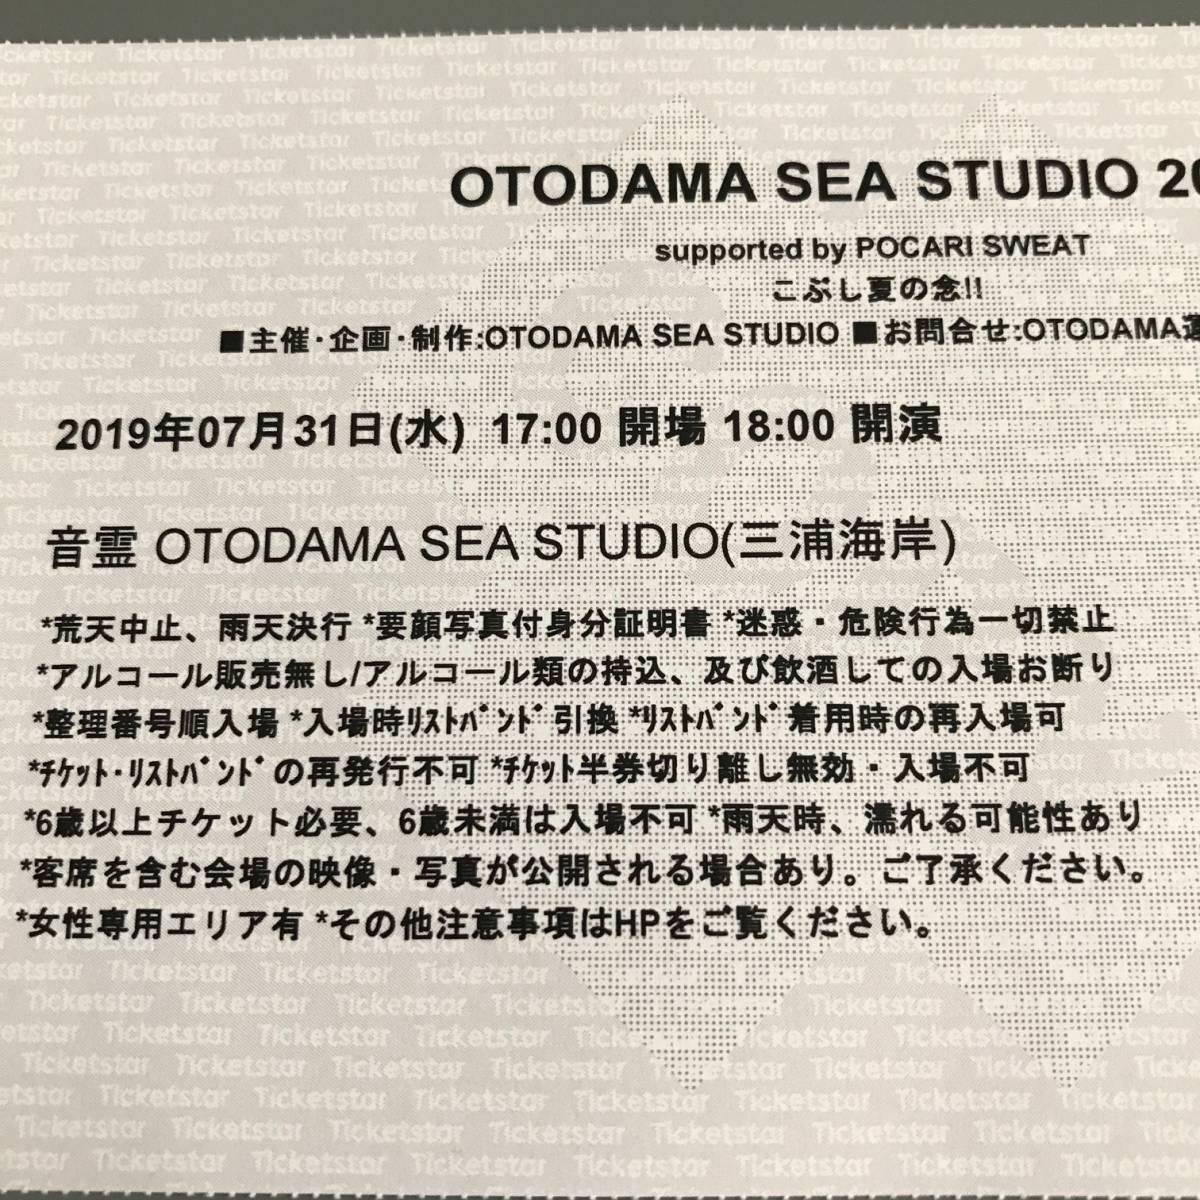 こぶしファクトリー OTODAMA SEA STUDIO 2019 7/31 FC枠 800番台 音霊